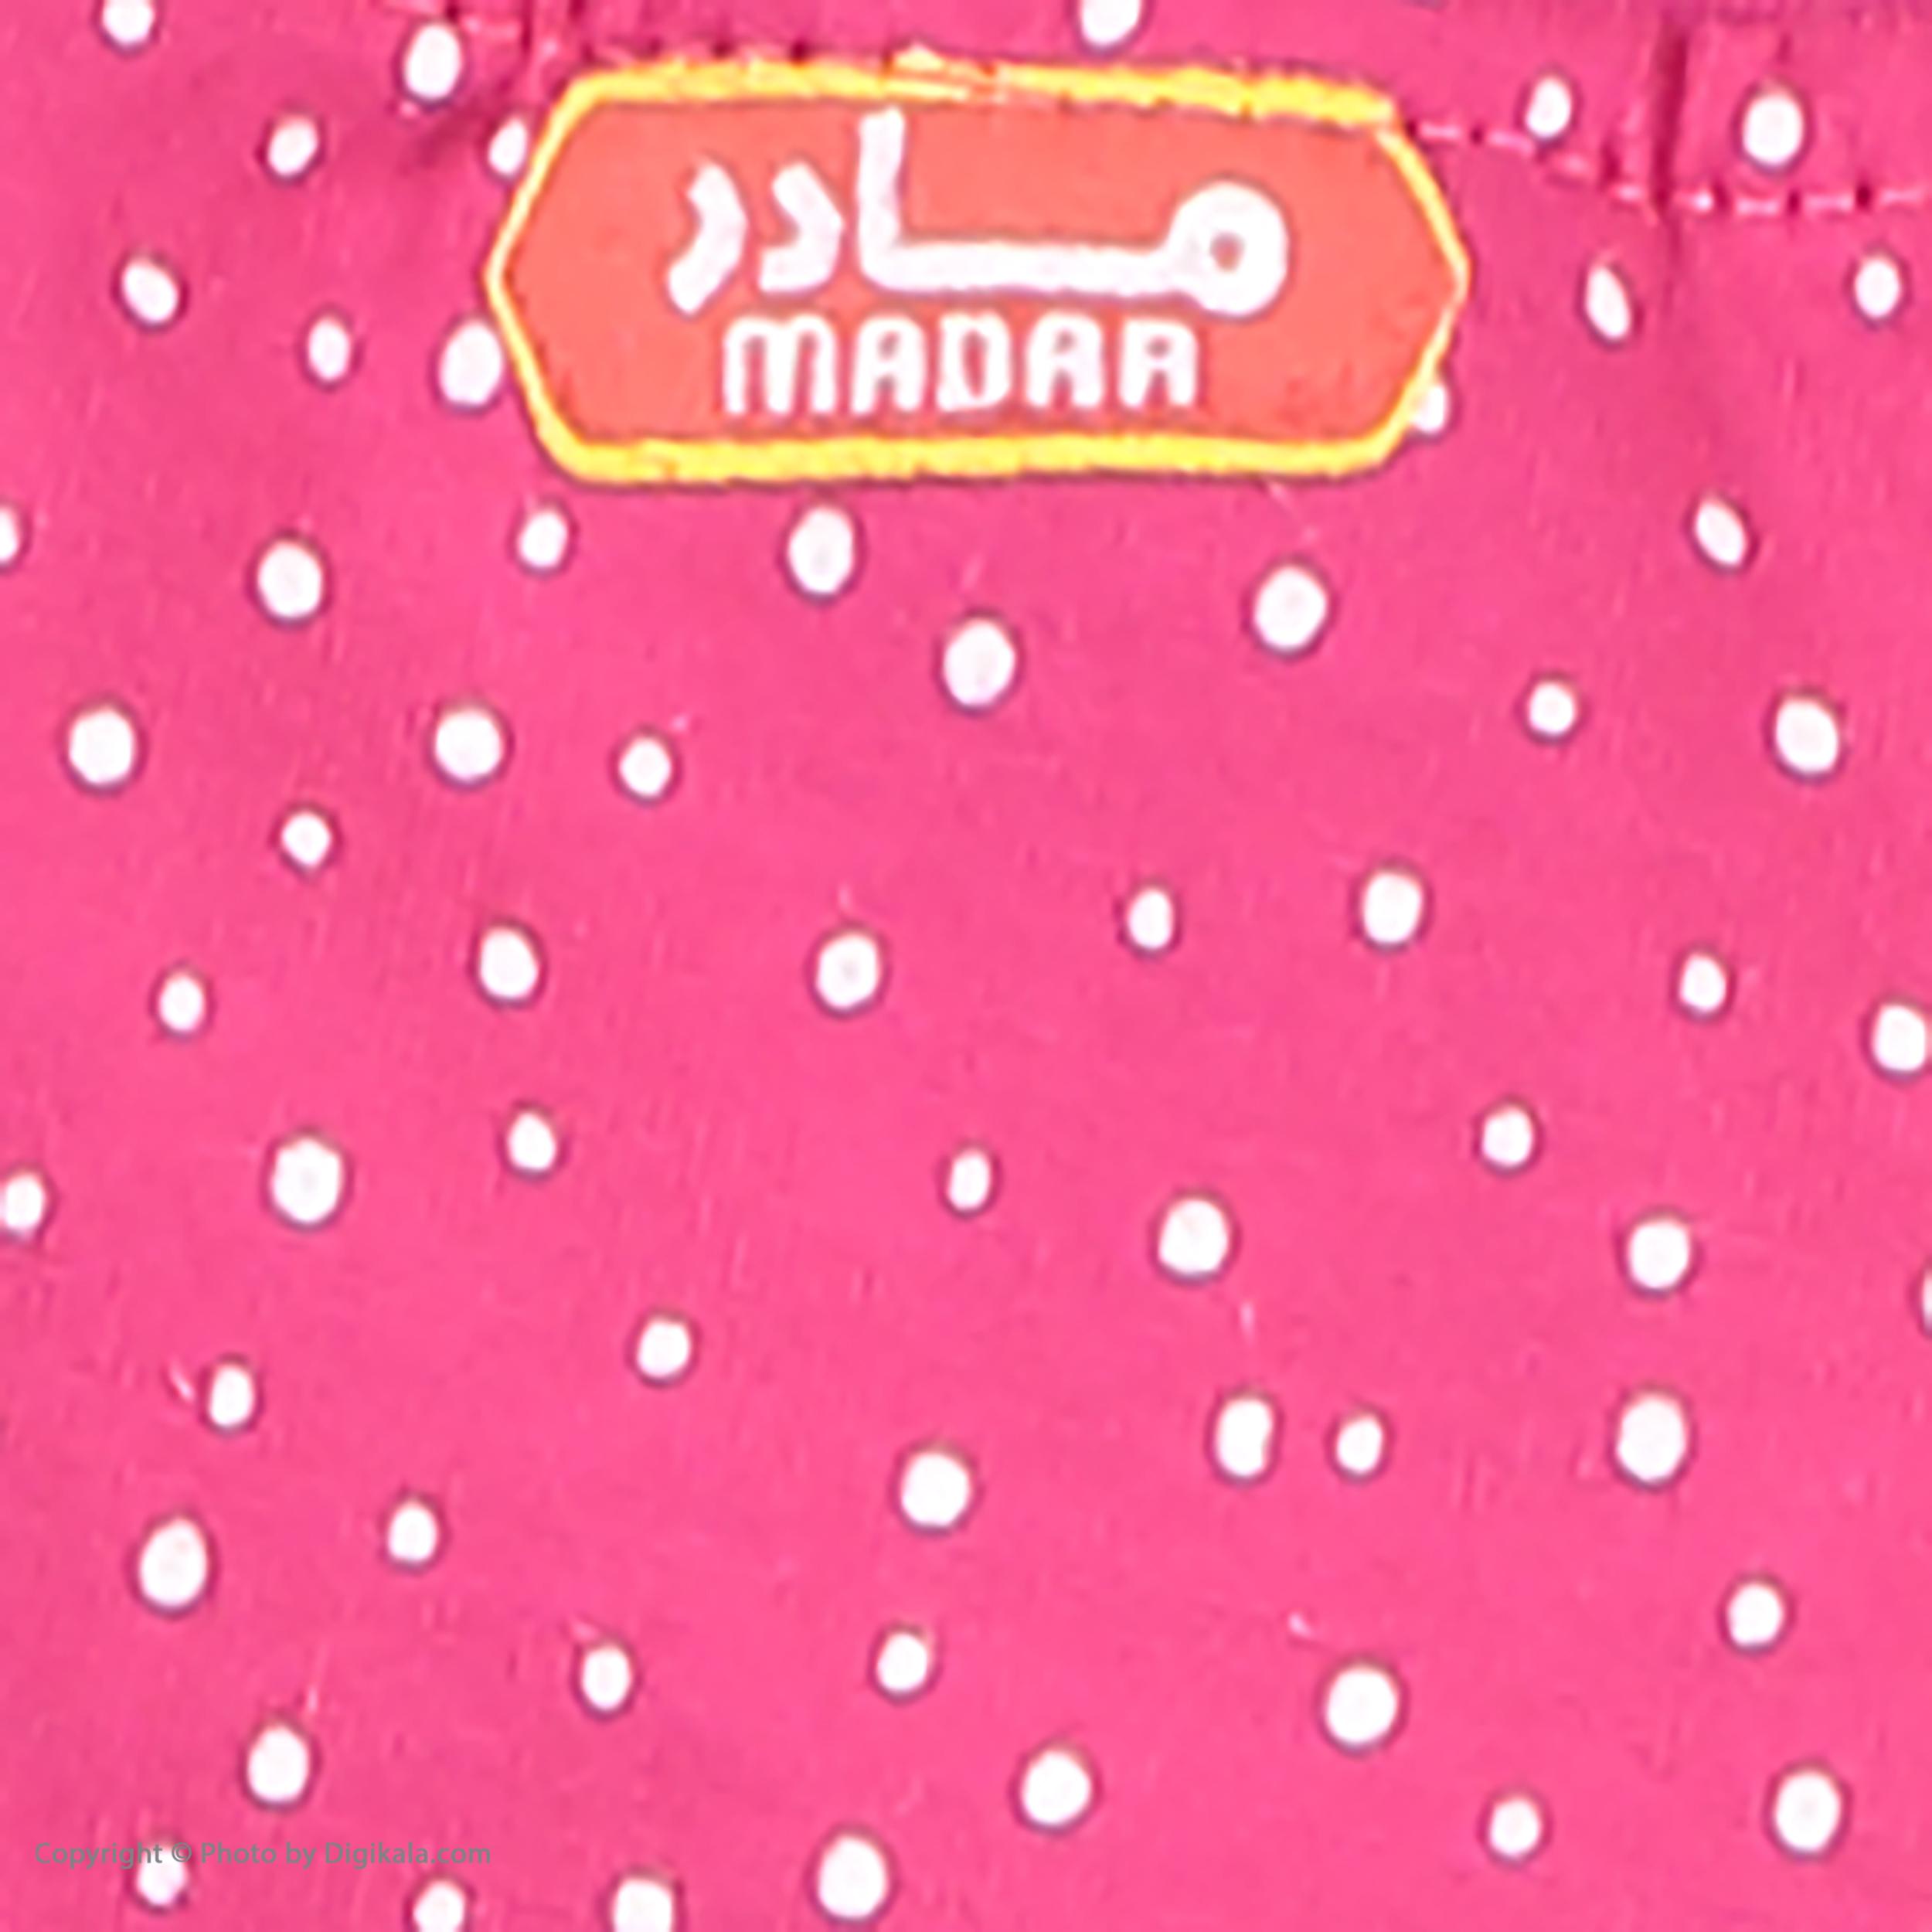 ست تی شرت و شلوارک راحتی زنانه مادر مدل 2041102-54 -  - 12